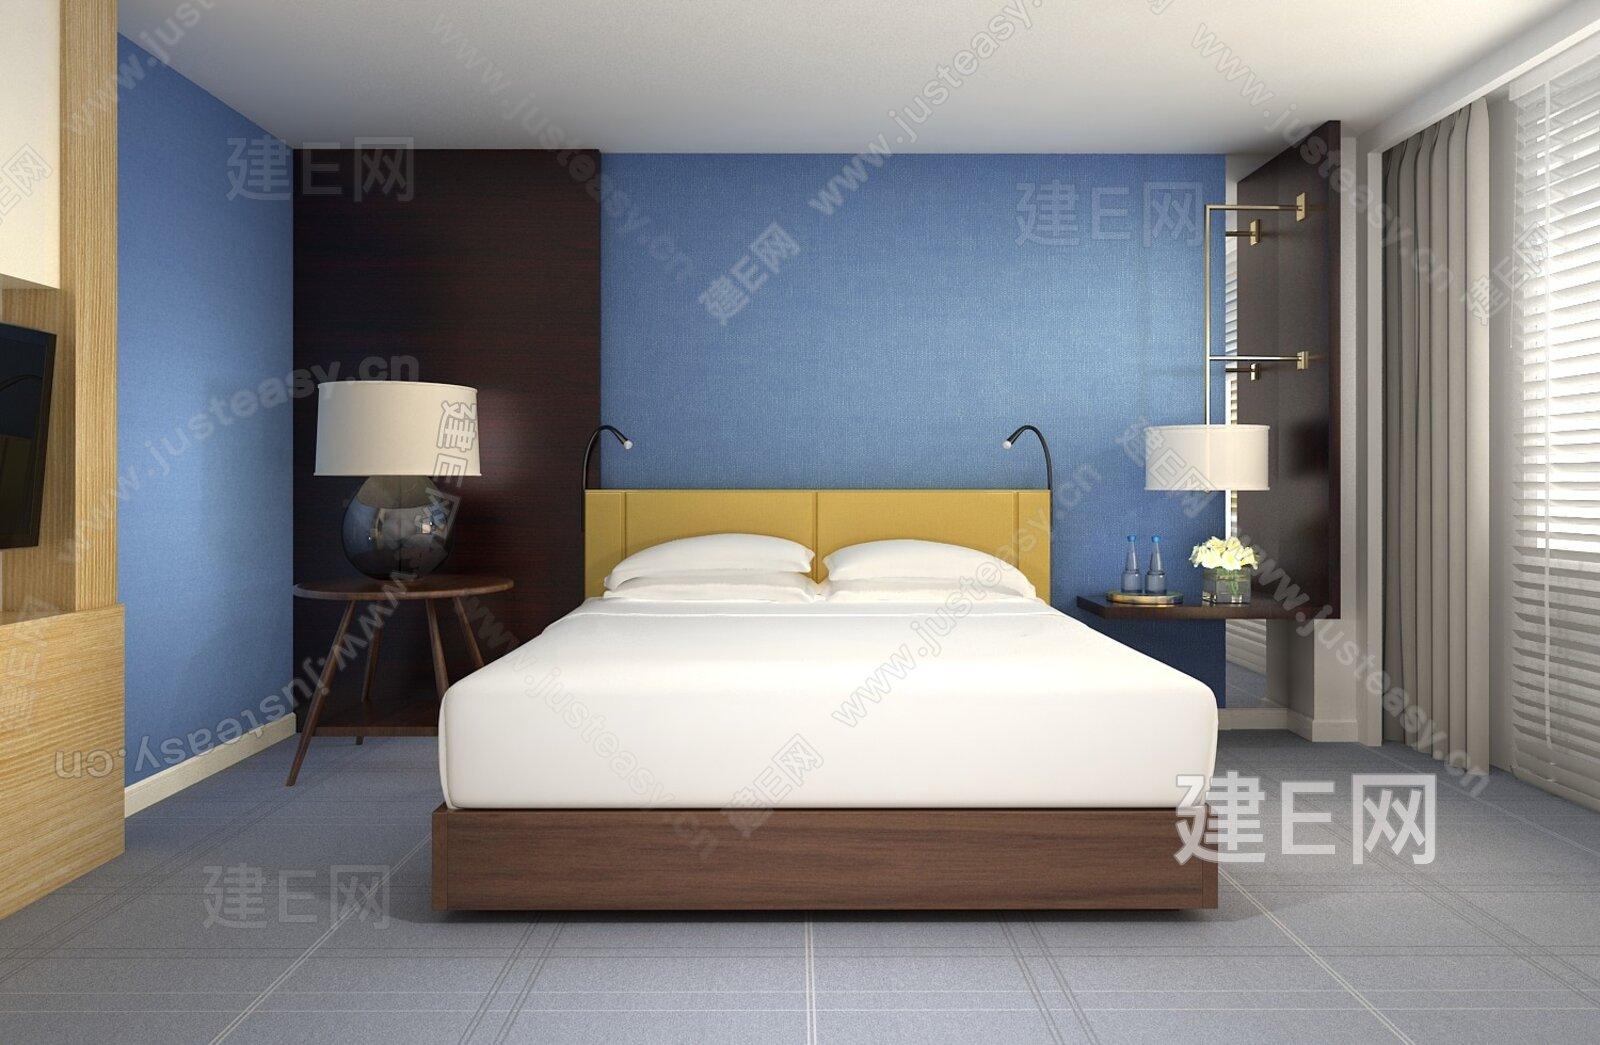 季裕棠 华盛顿柏悦酒店客房3d模型